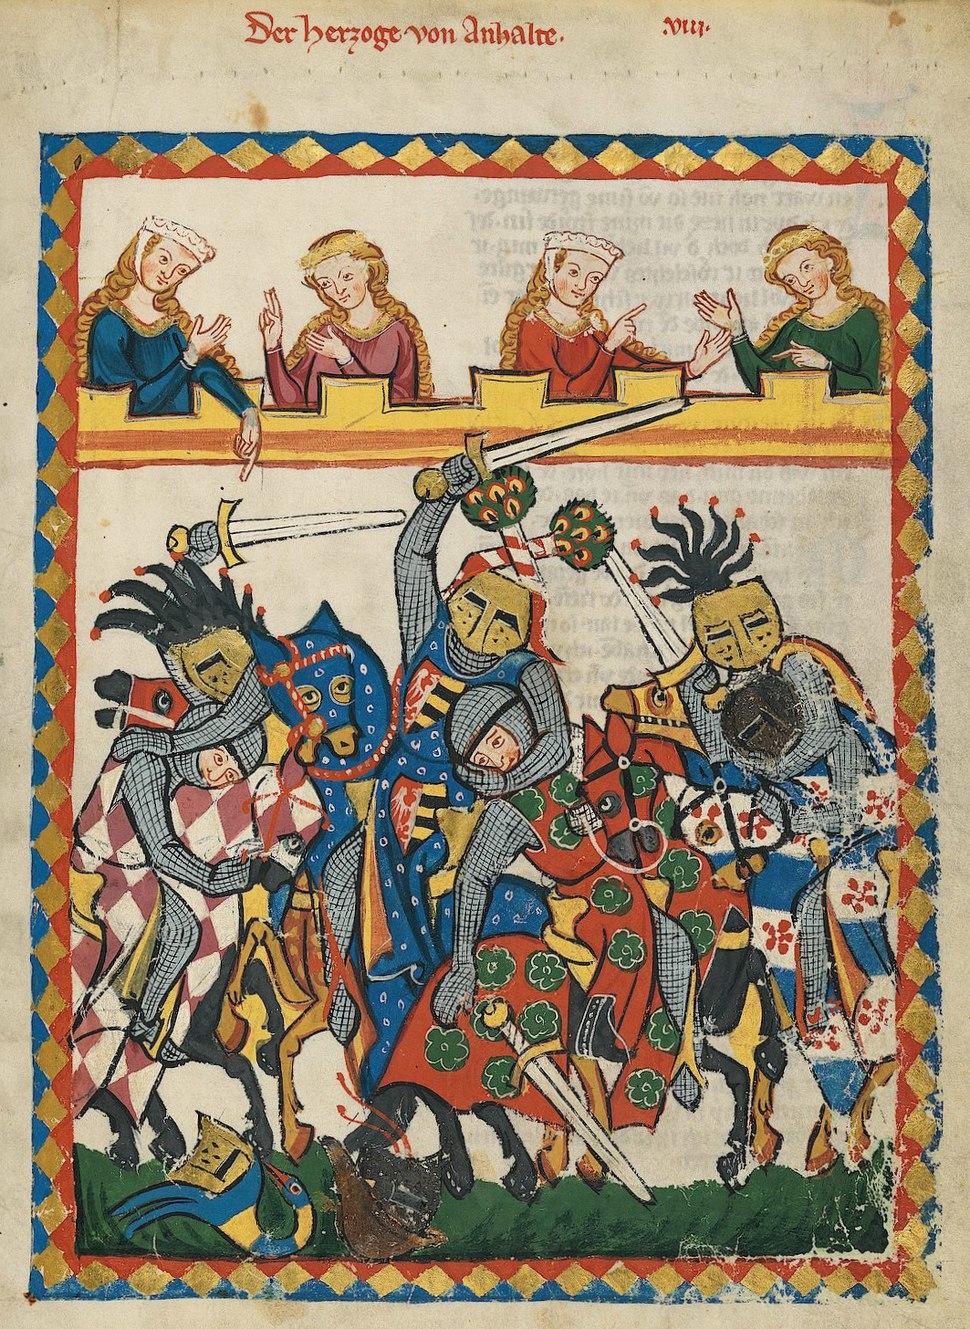 Codex Manesse (Herzog) von Anhalt